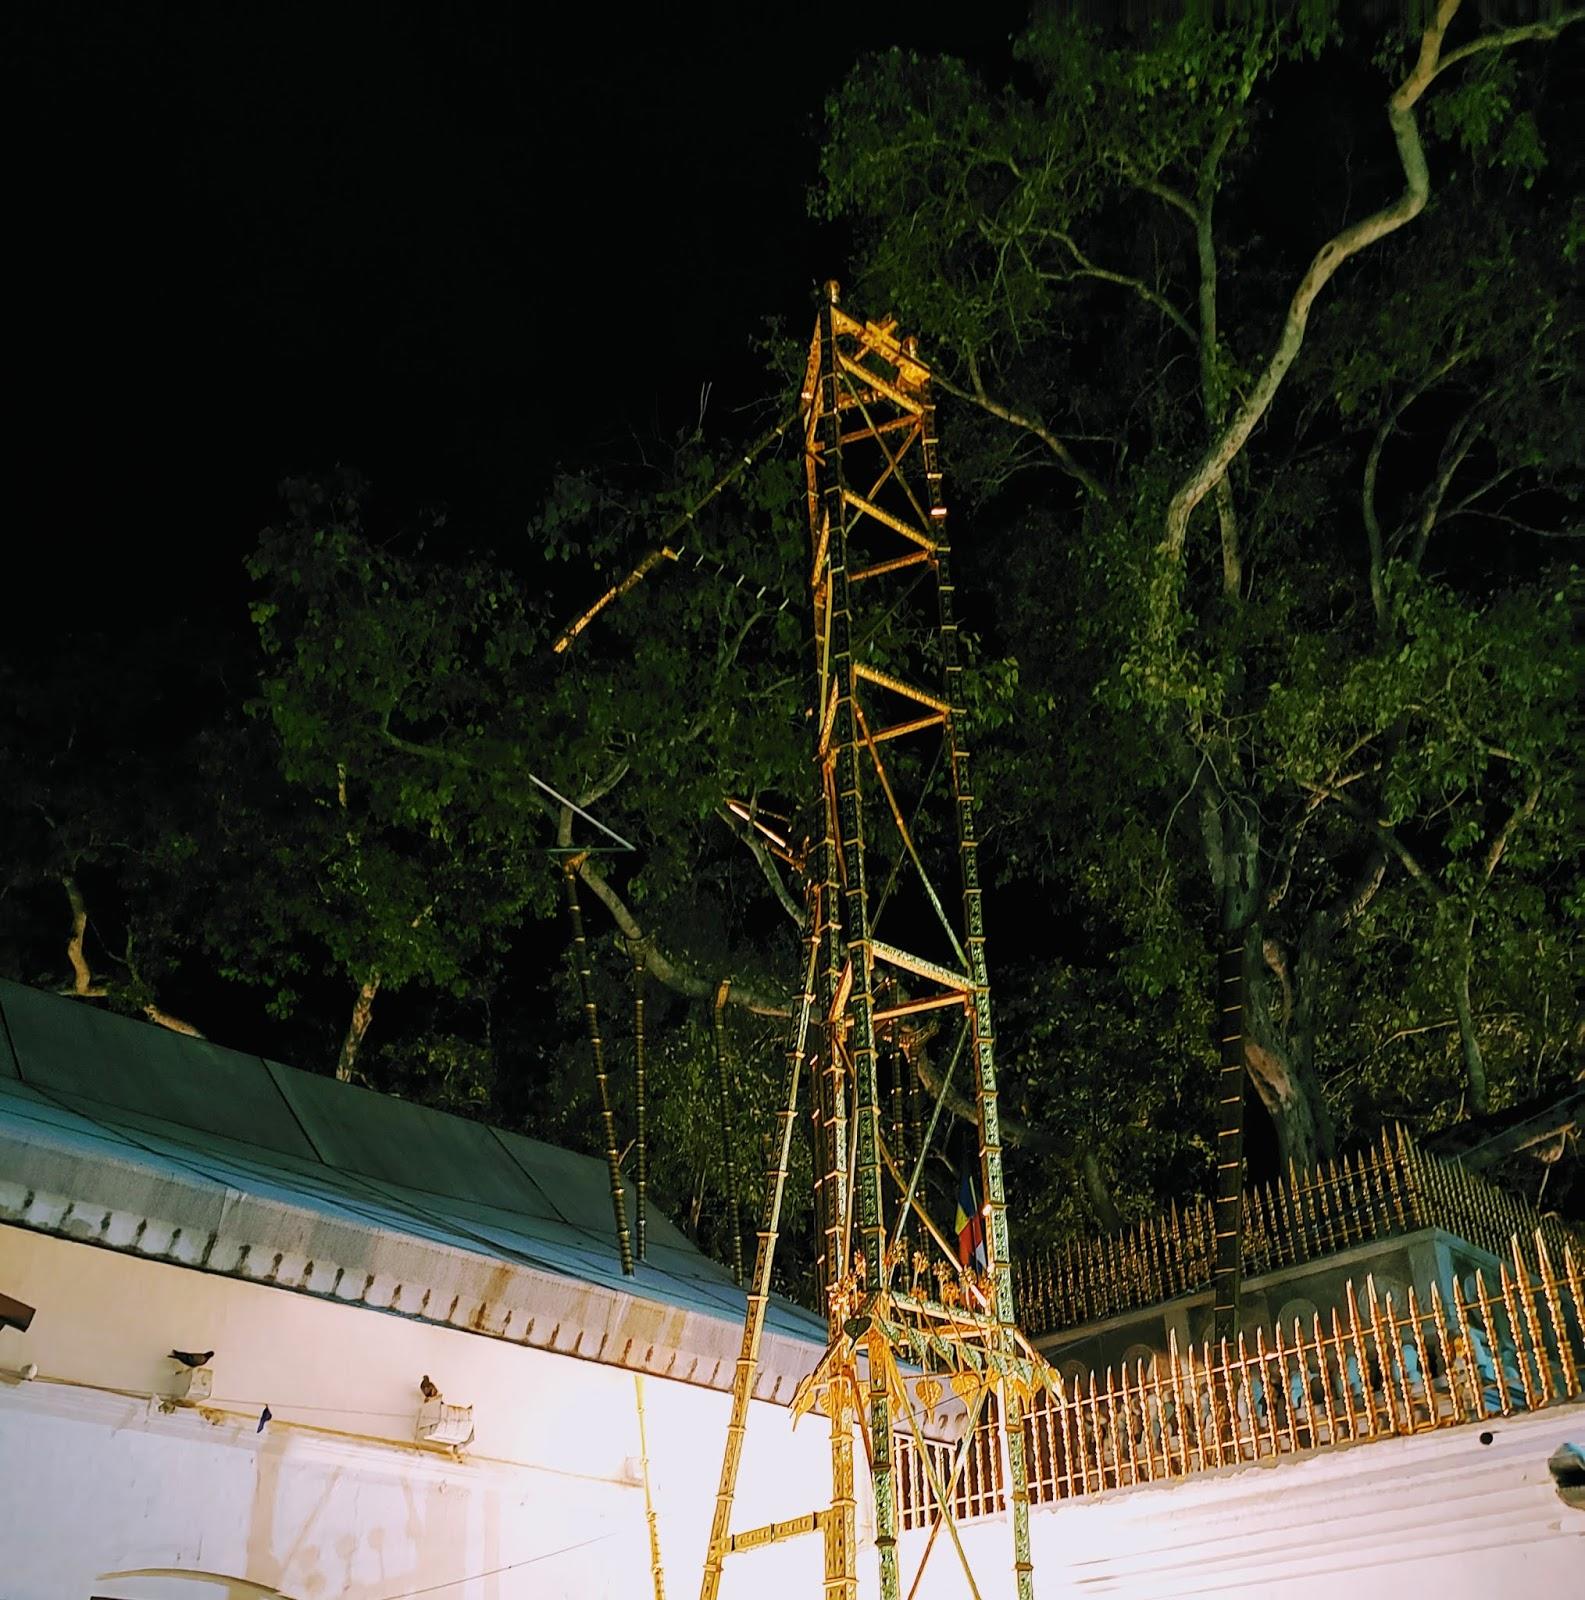 श्री महा बोधी पेड़ की पवित्र शाखा, अनुराधापुरा